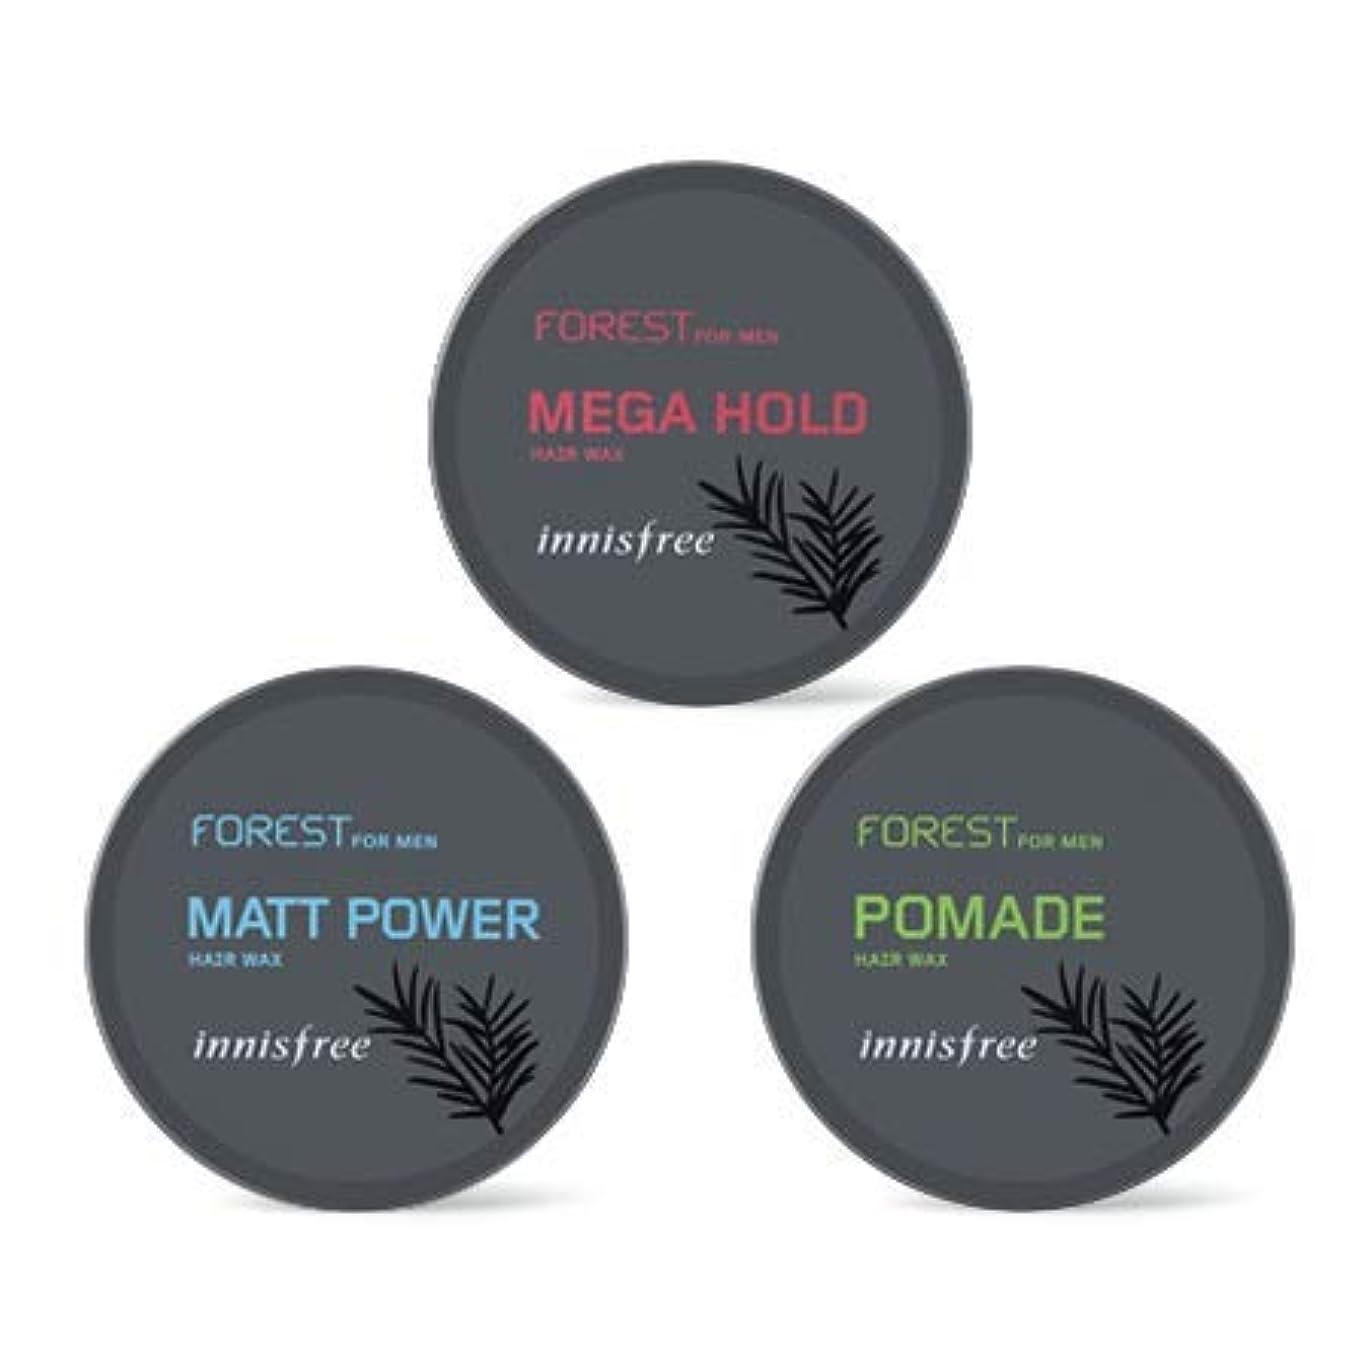 容疑者決定する行方不明[イニスフリー.INNISFREE](公式)フォレストフォアマンヘアワックス(3種)/ Forest For Men Hair Wax(60G、3 kind) (# mega hold)